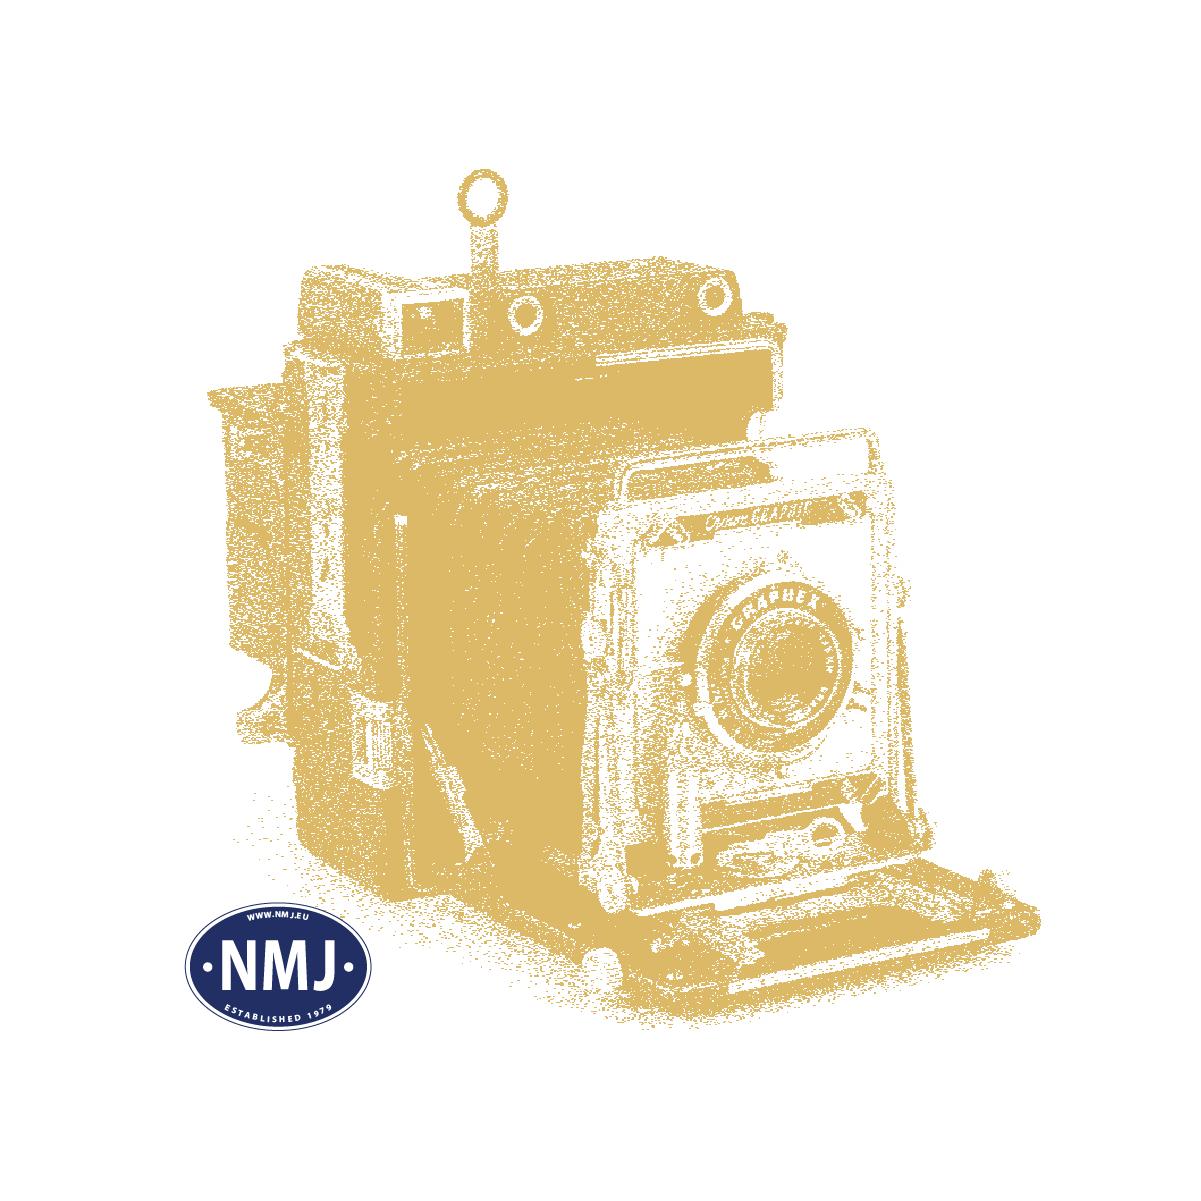 NMJS L4 50191 - NMJ Superline NSB L4 50191 *NMJ 40 ÅR*